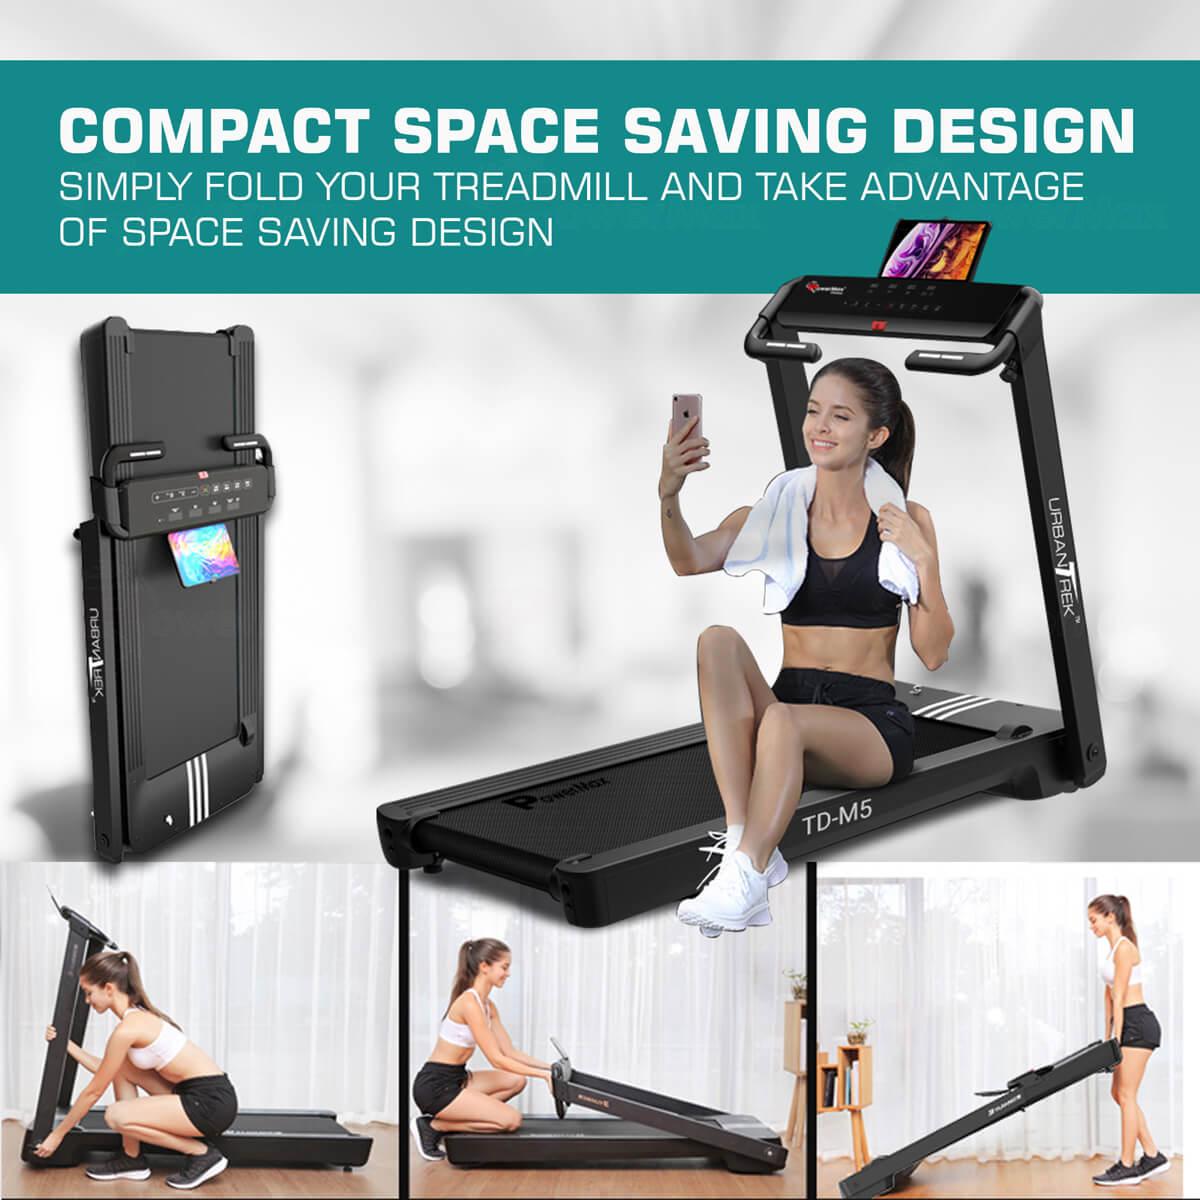 100% pre-installaled treadmill